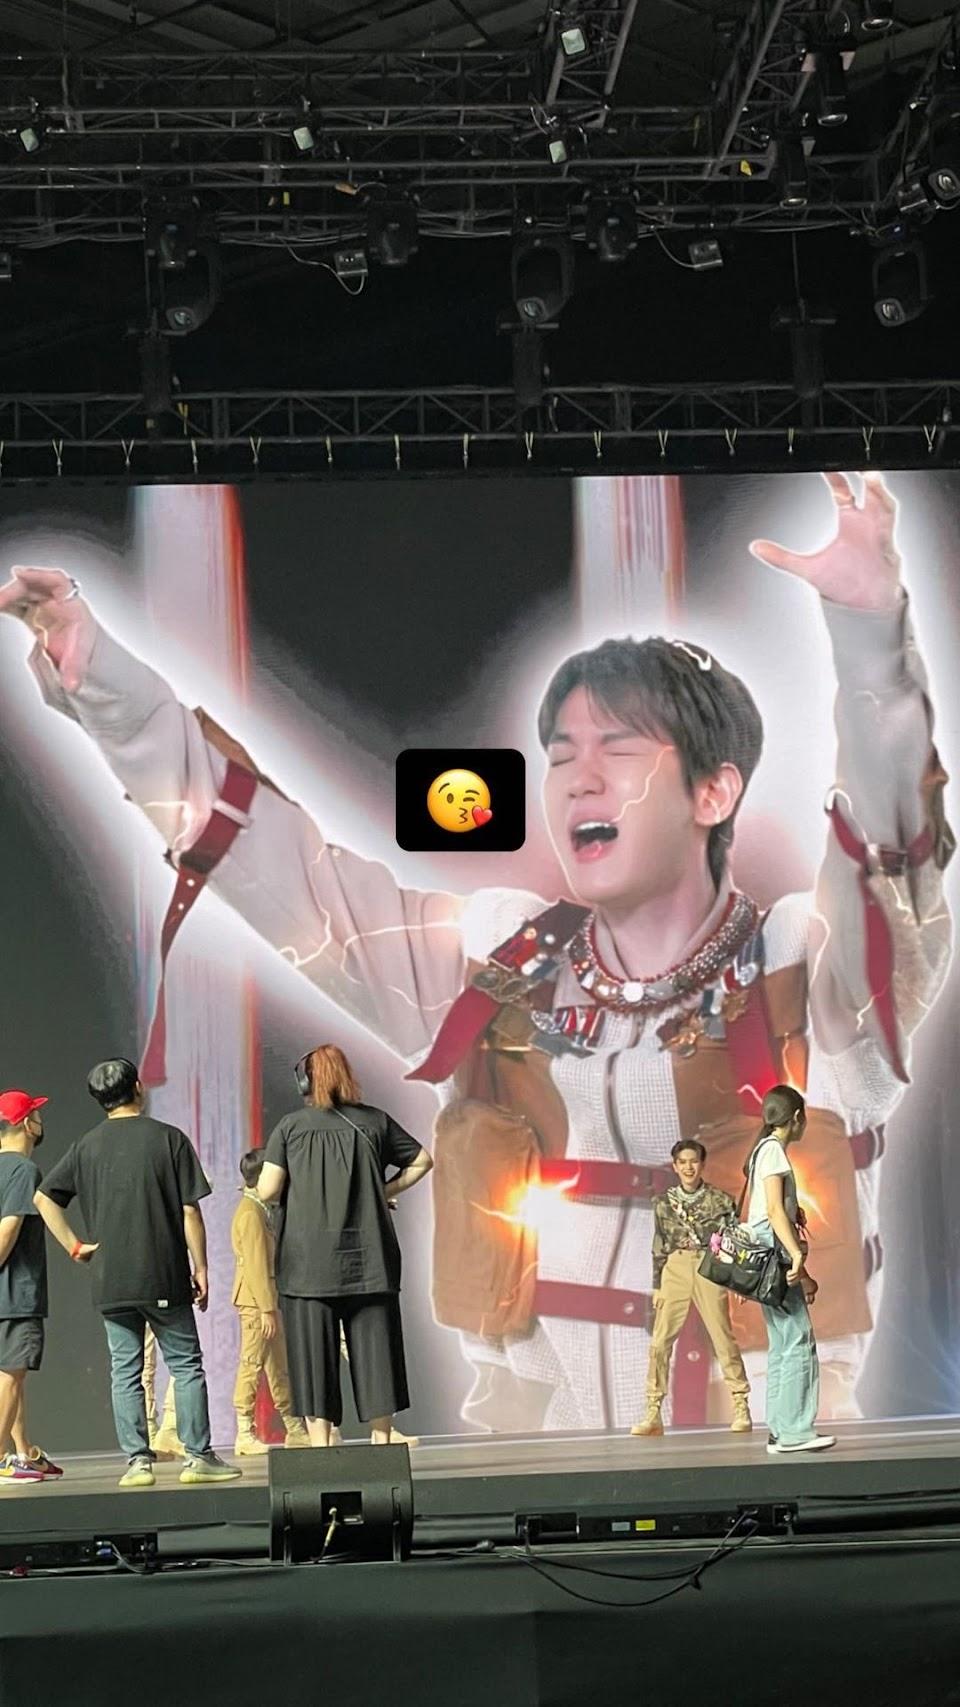 superm taeyong baekhyun taeoxo_nct ig